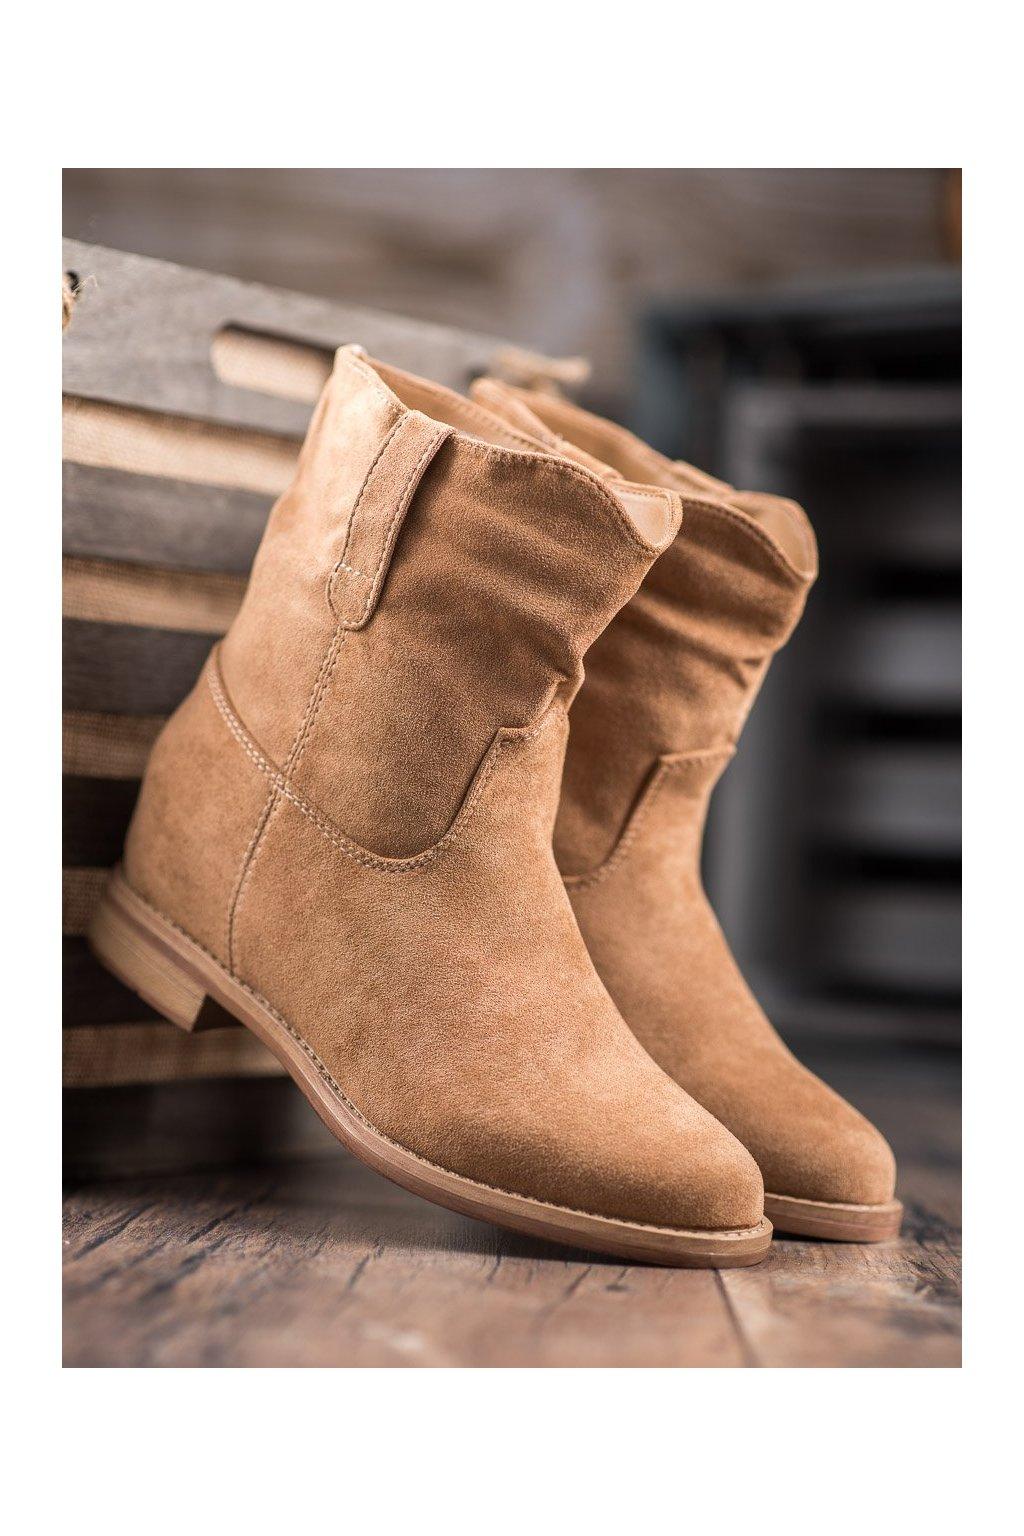 Hnedé dámske topánky Seastar kod NC952KH